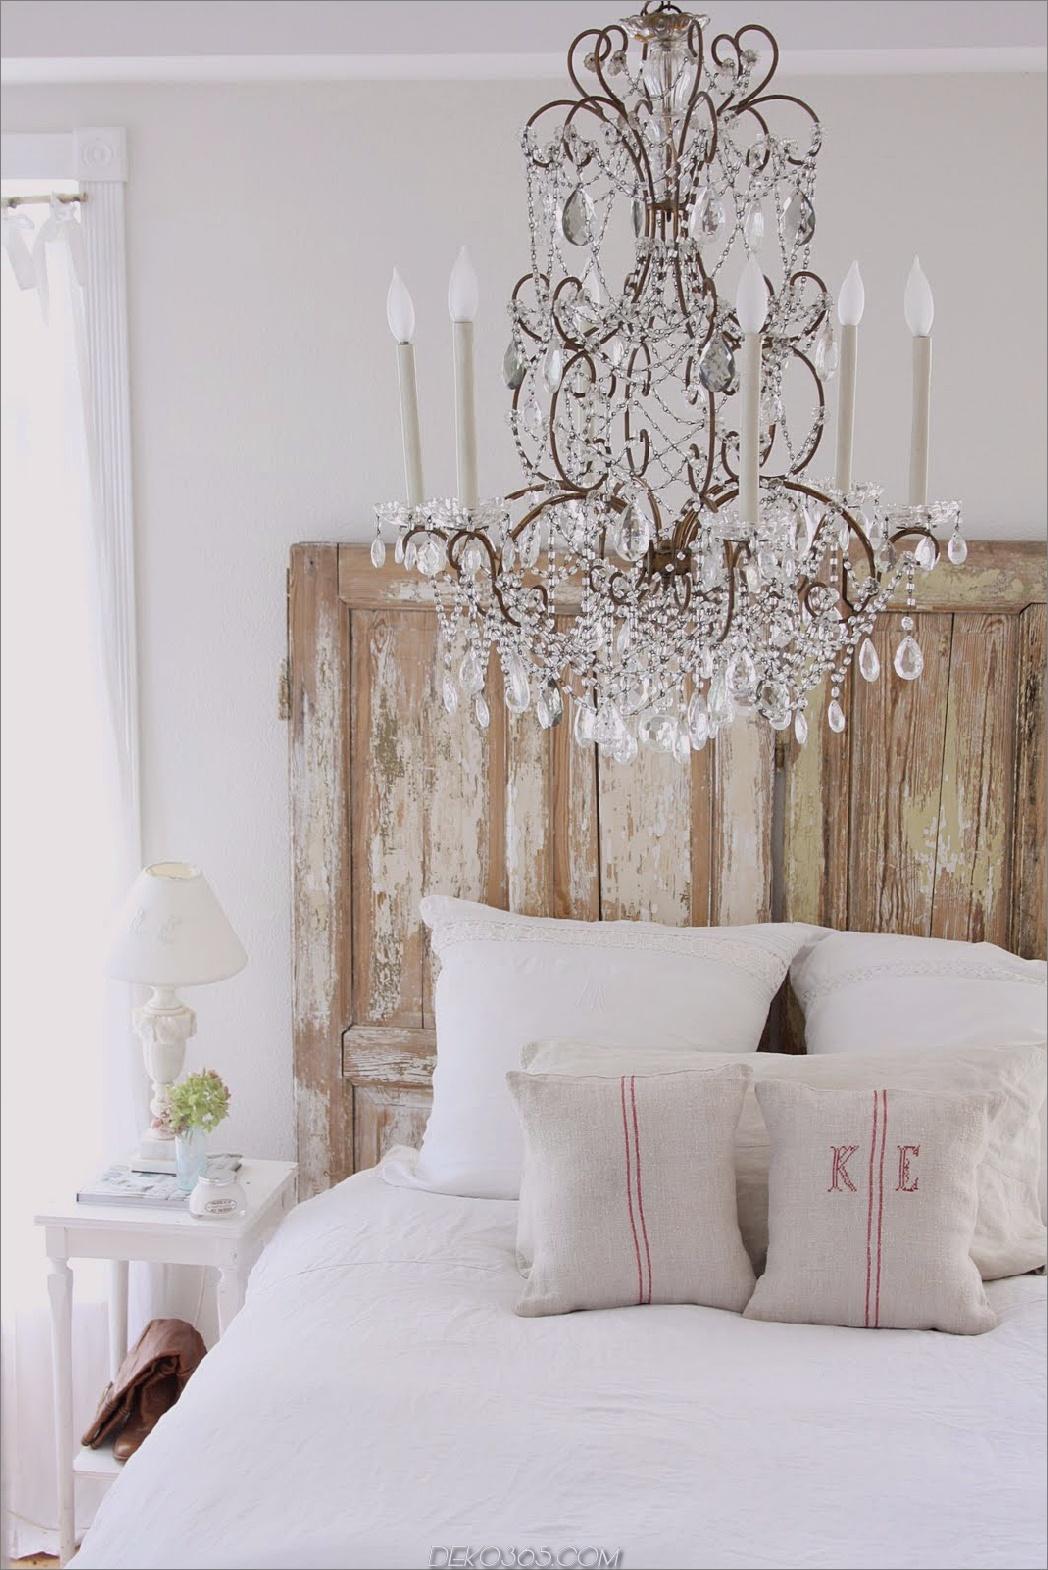 Kein Kopfteil Bett2 Kleine Schlafzimmer Design-Lösungen